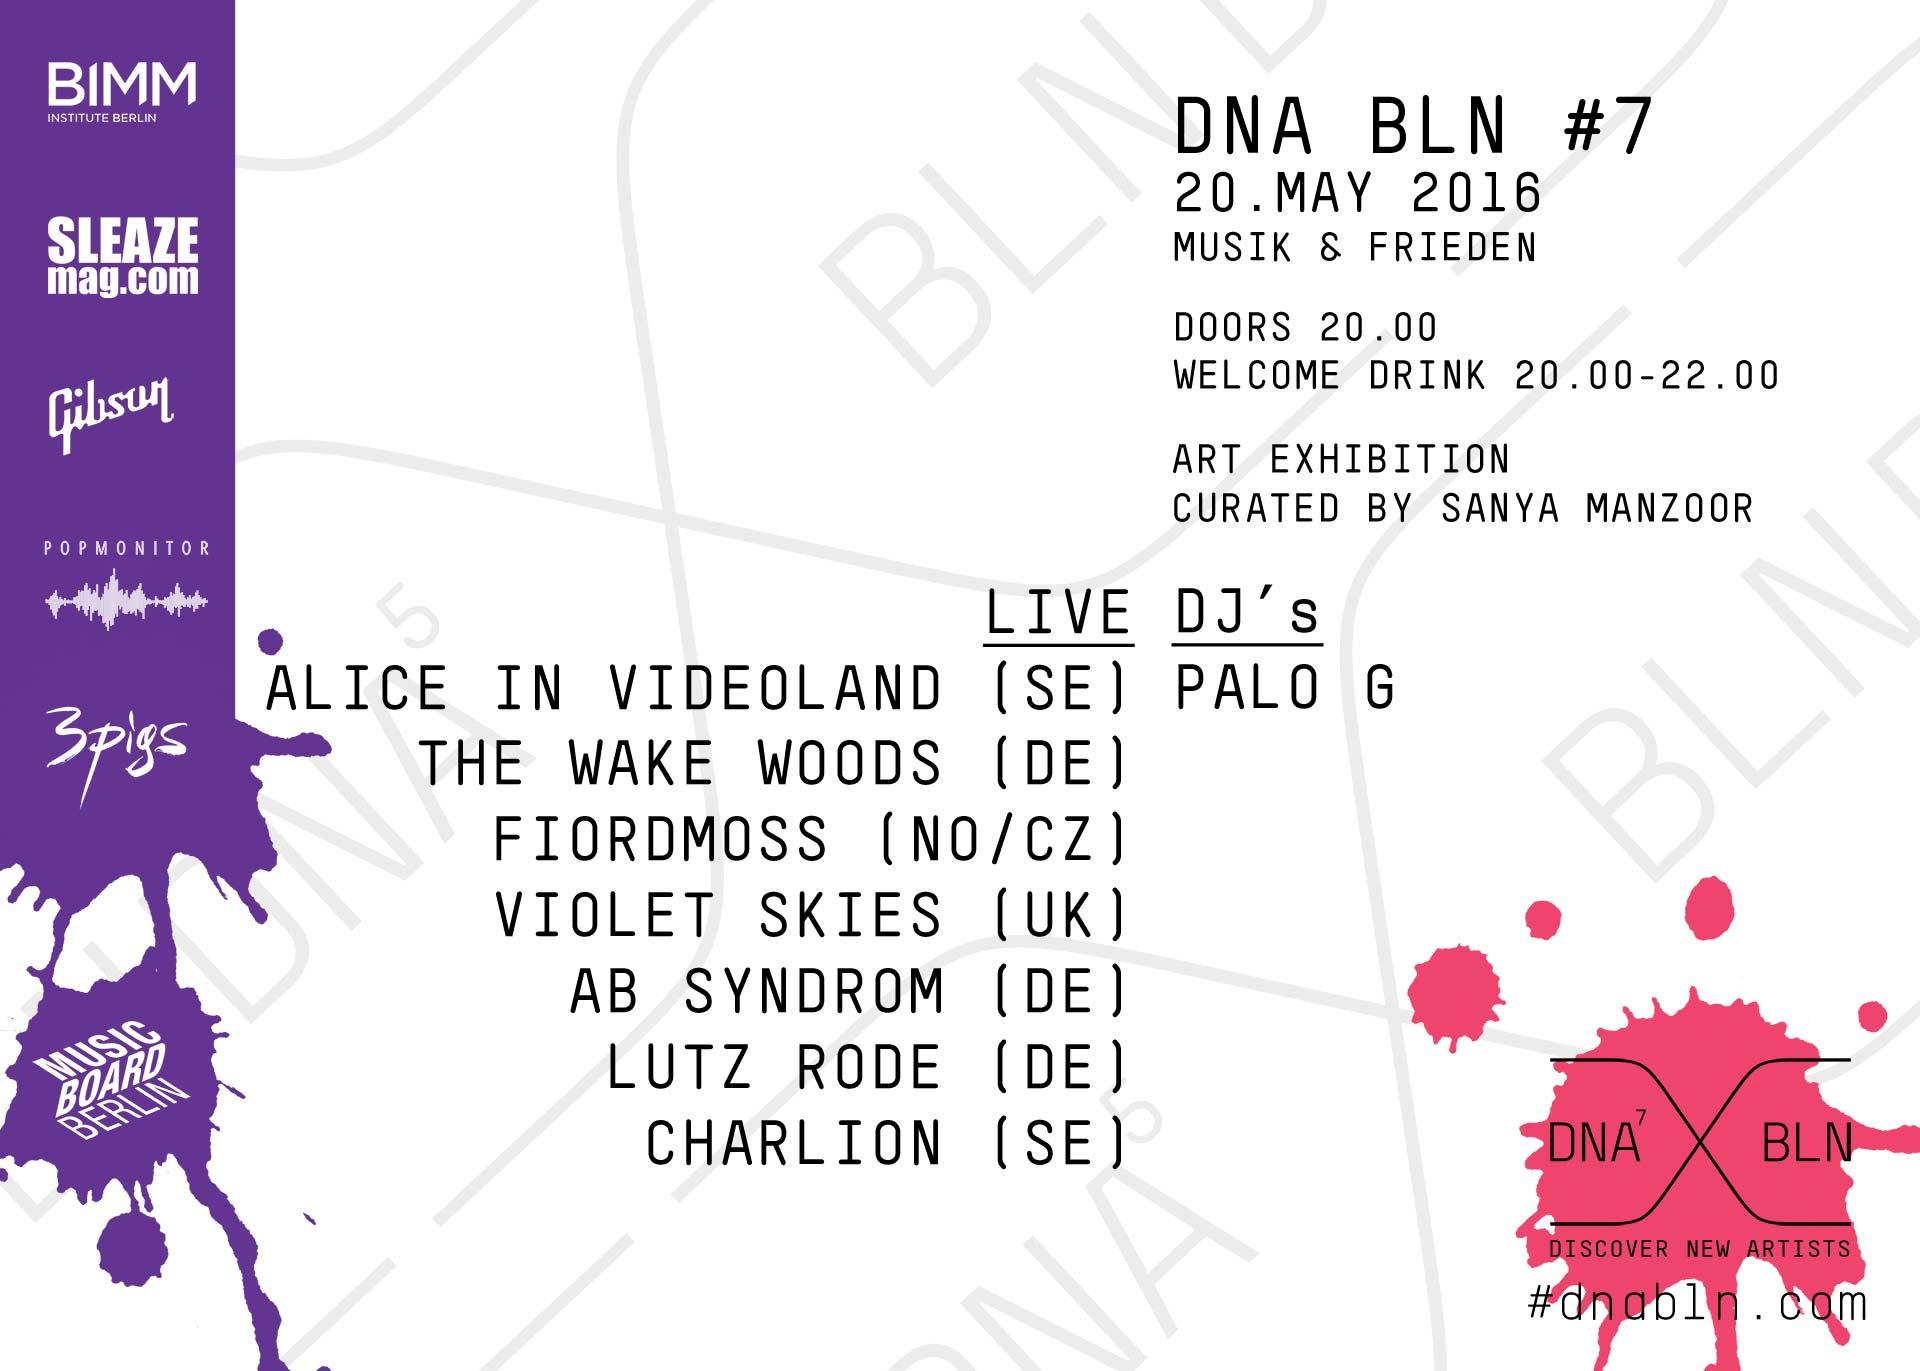 DNA BLN #7